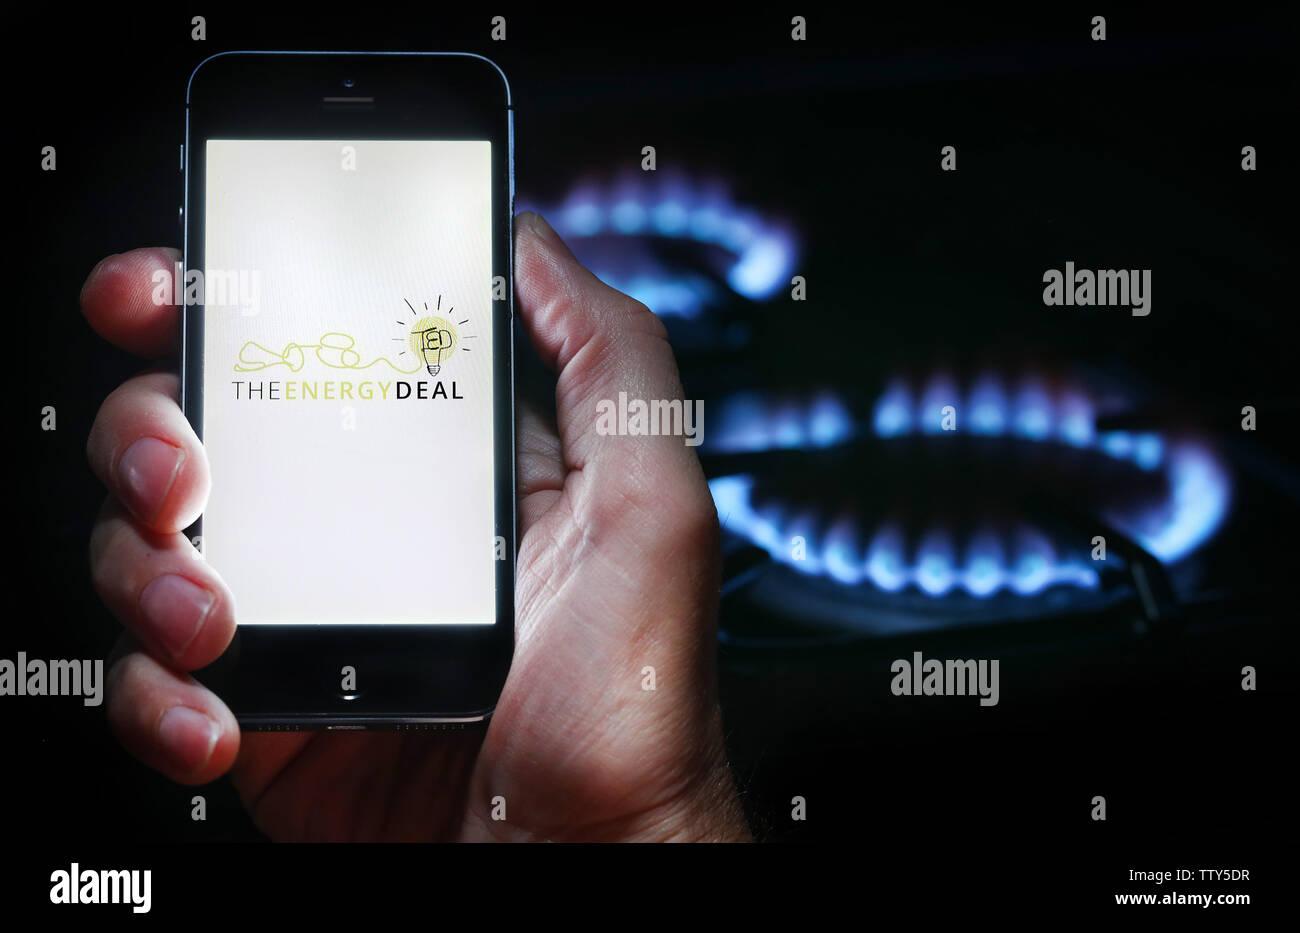 Un uomo che guarda il logo del sito web per azienda di energia l'energia trattare sul suo telefono cellulare nella parte anteriore della sua cucina a gas (solo uso editoriale) Immagini Stock